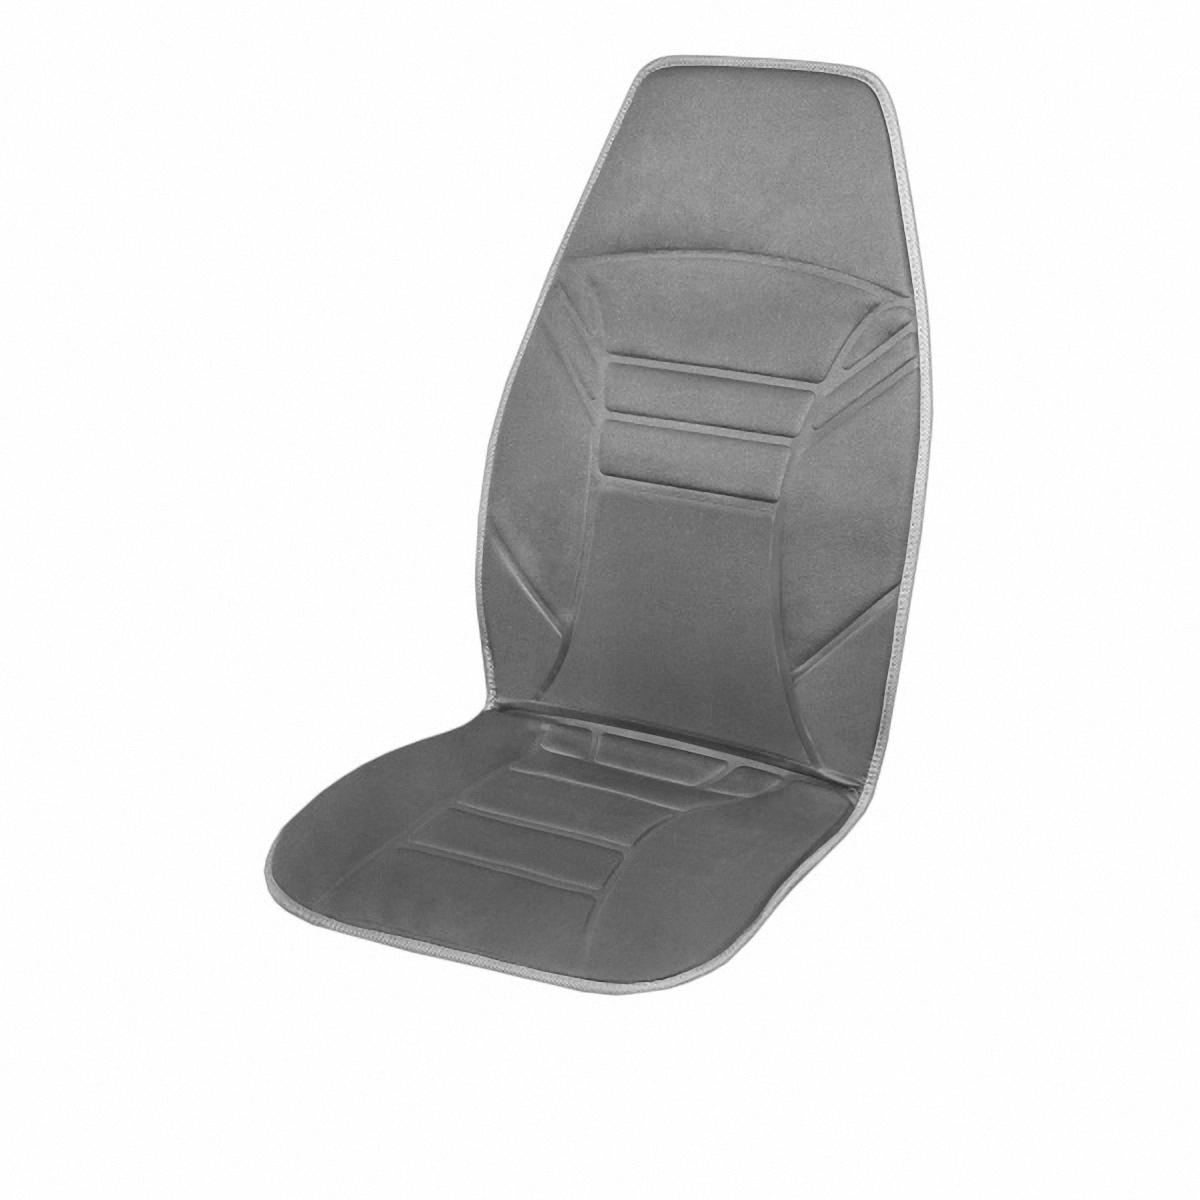 чехол для сиденья с подогревом и терморегулятором skyway s02202005 Чехол на сиденье Skyway, с подогревом, со спинкой